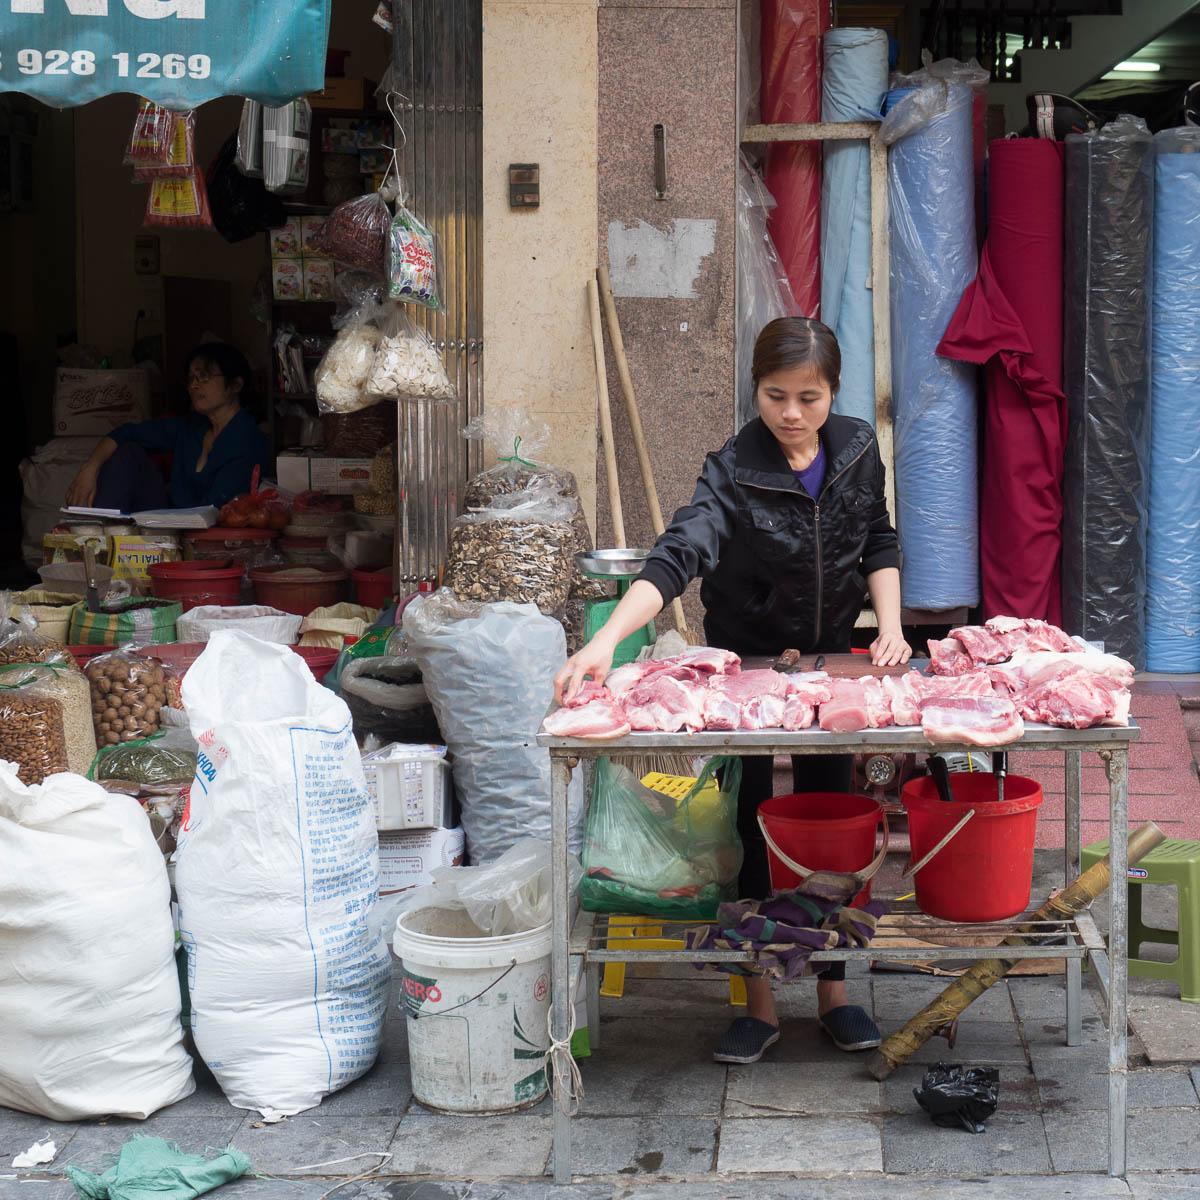 Reise durch Asien 2019 #11 Hanoi